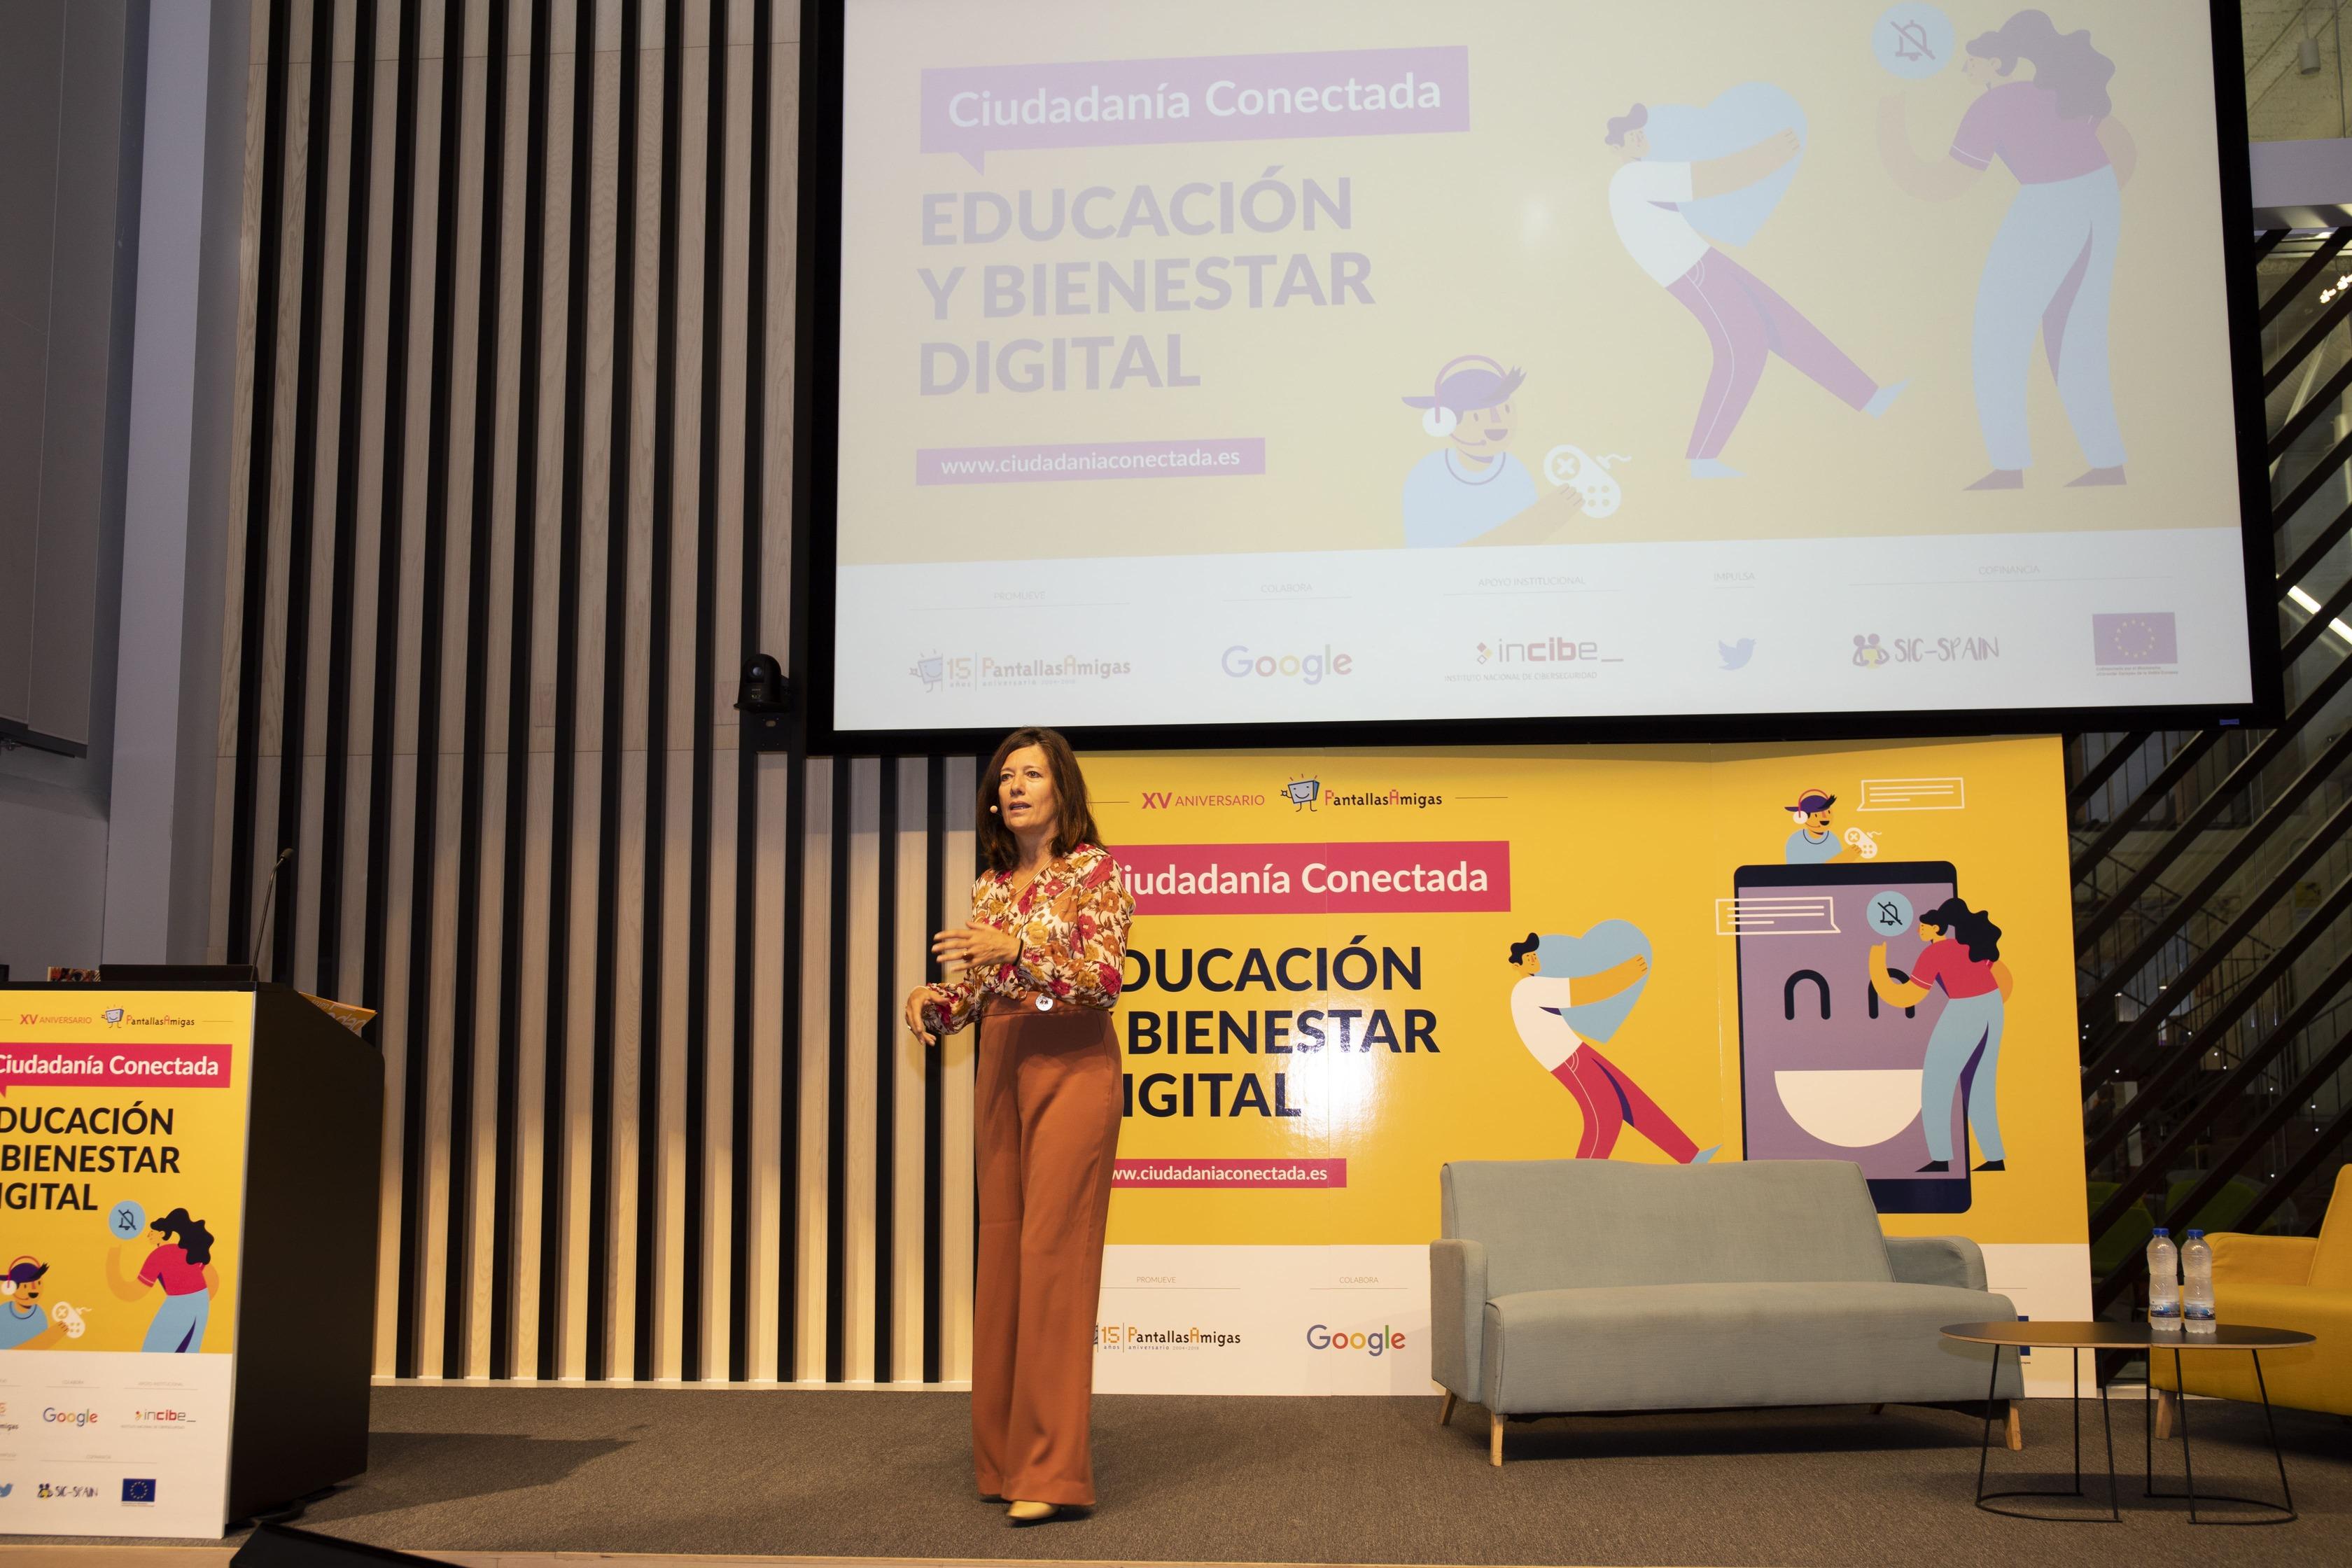 Mar España durante la apertura de la Jornada Ciudadanía Conectada sobre Educación y Bienestar Digital.